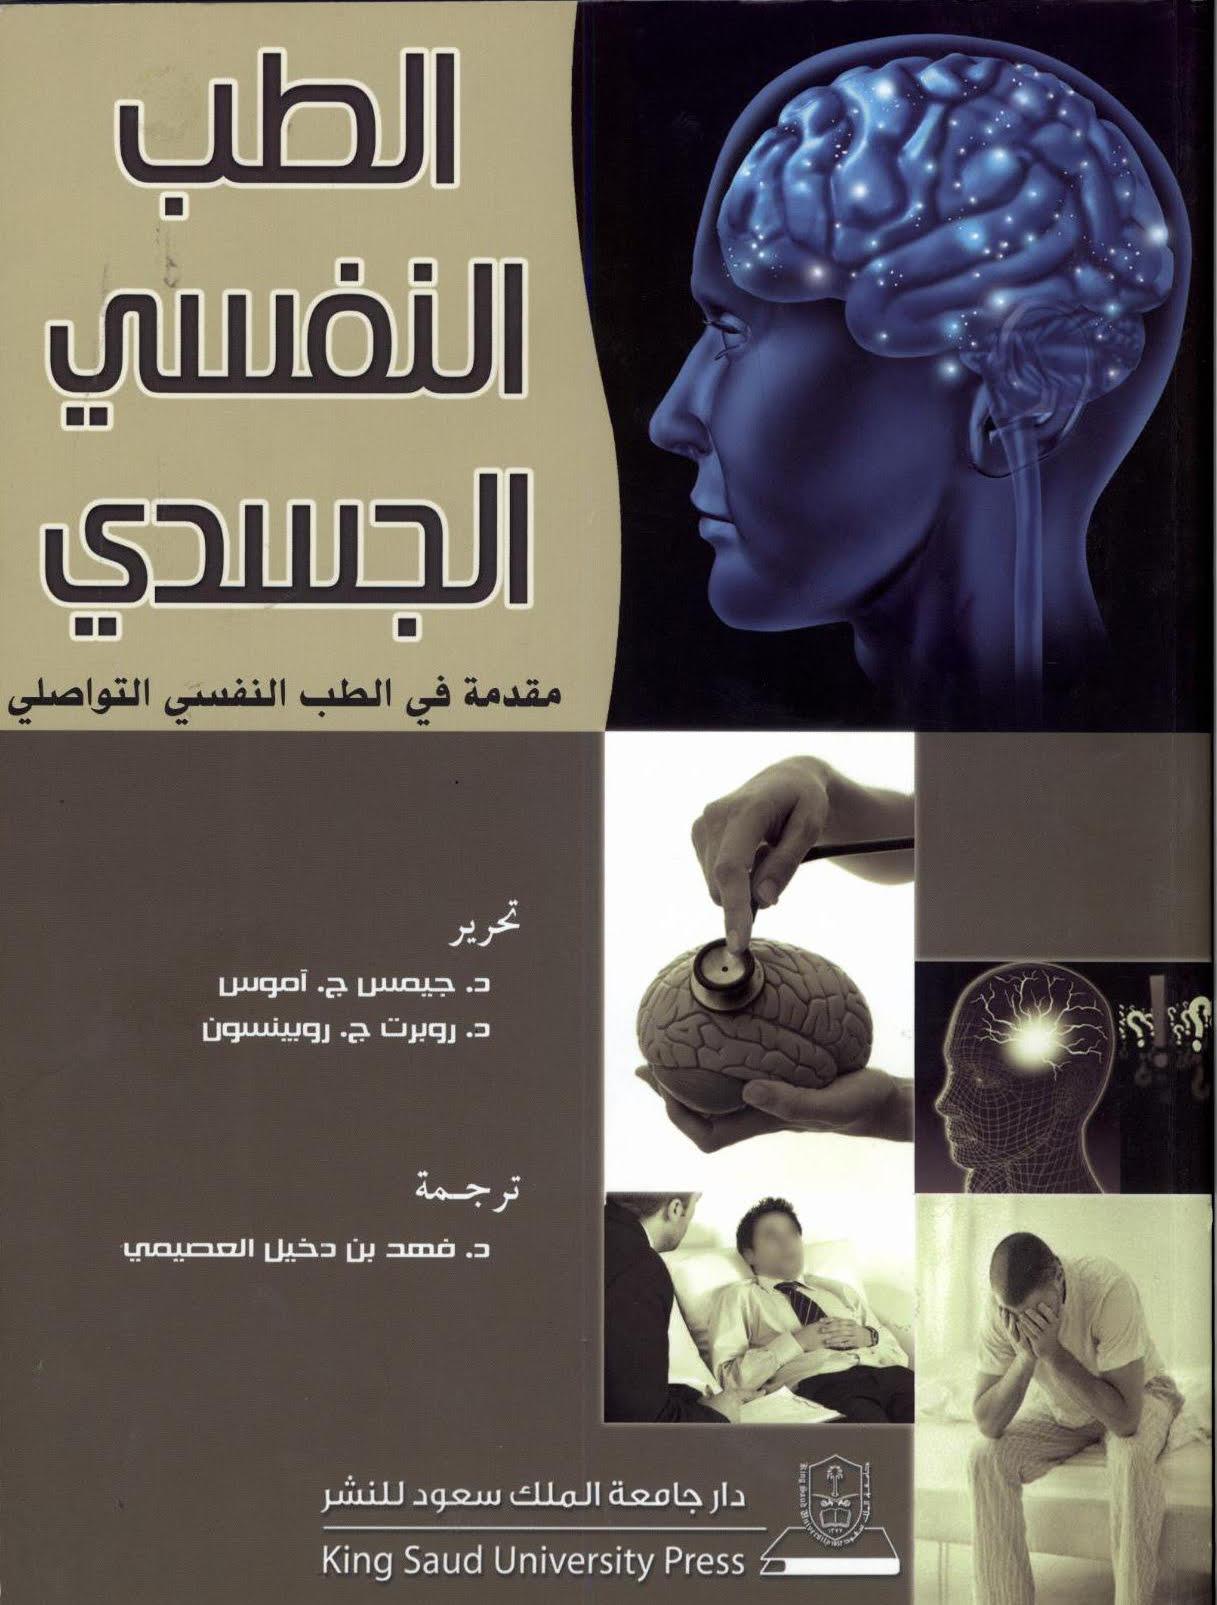 الفائزين-بجائزة-الملك-عبدالله (6)